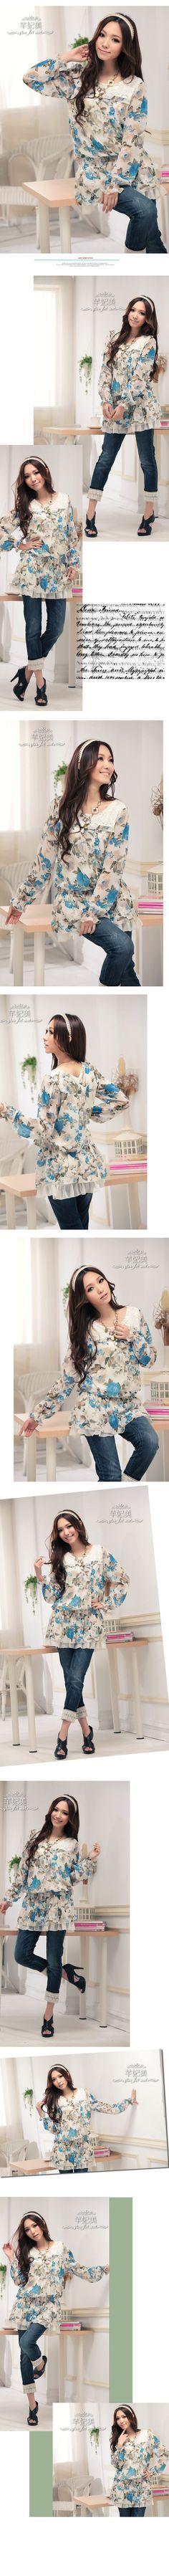 2013 Spring Fashion Collection dress QT66201 - Dresses - korean japan fashion clothes dresses wholesale women